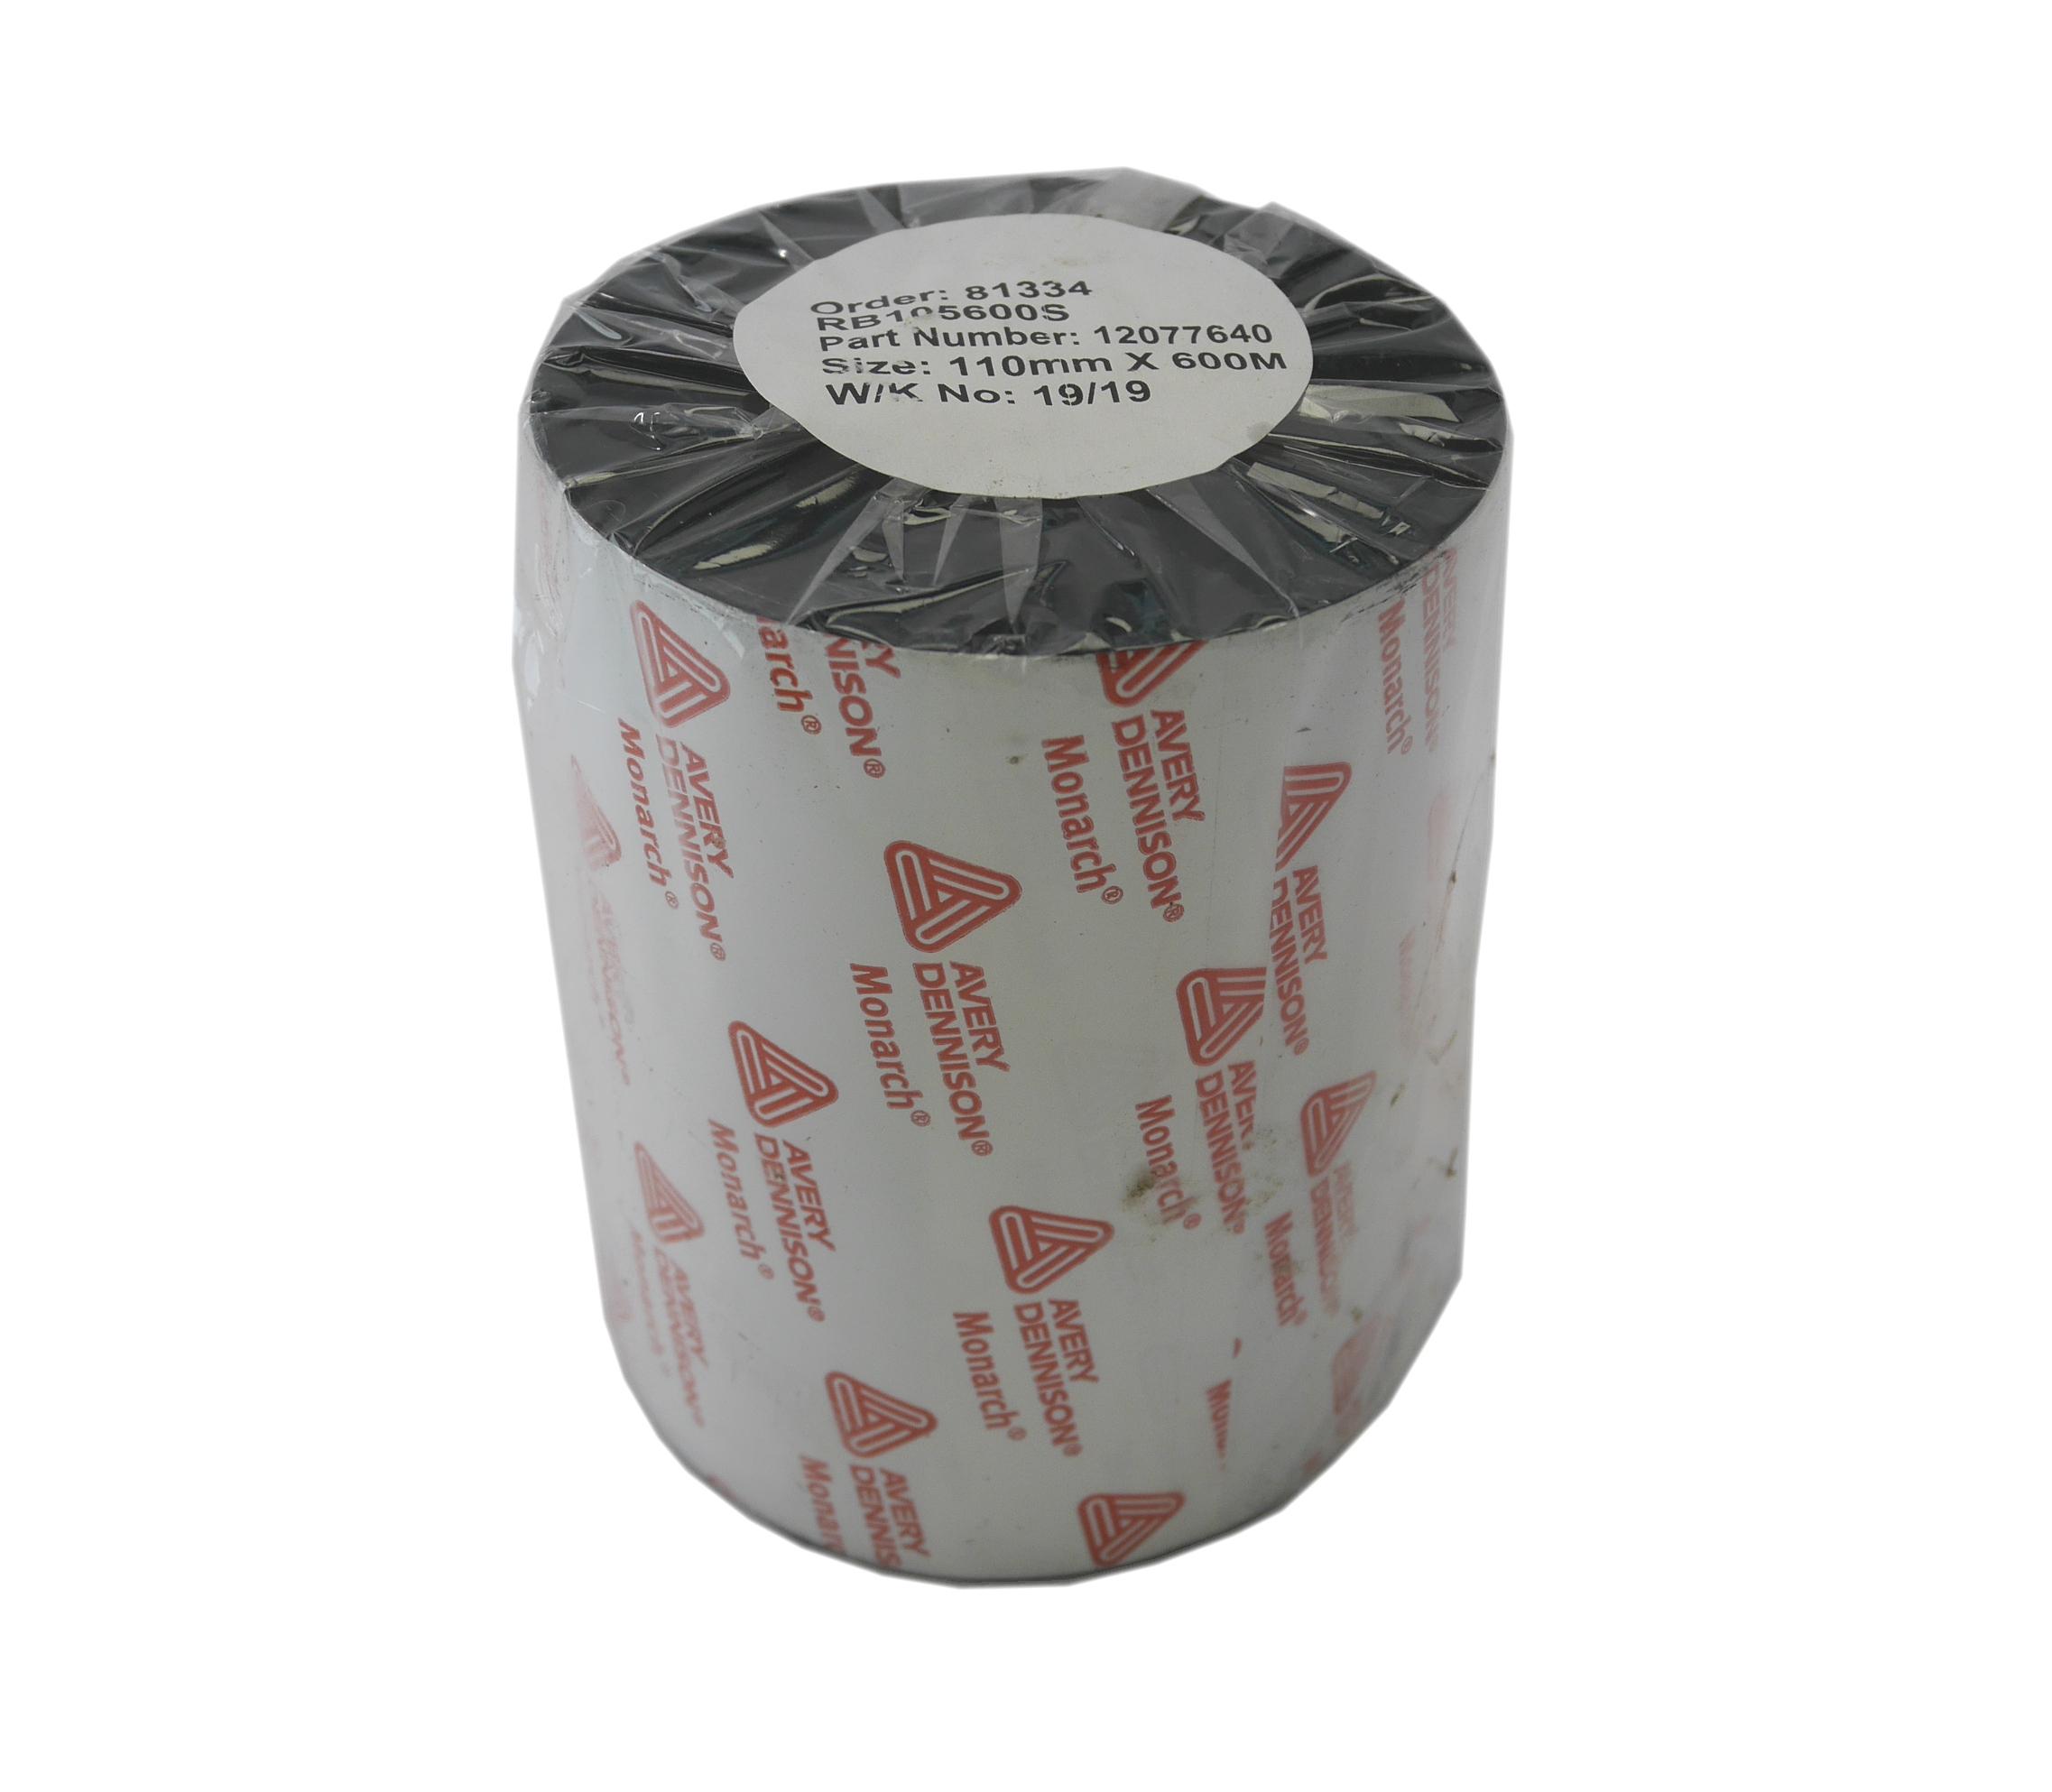 """Monarch 12077640 Thermal Transfer Wax Ribbon (110mm X 600M / 4.33"""" X 1968')"""